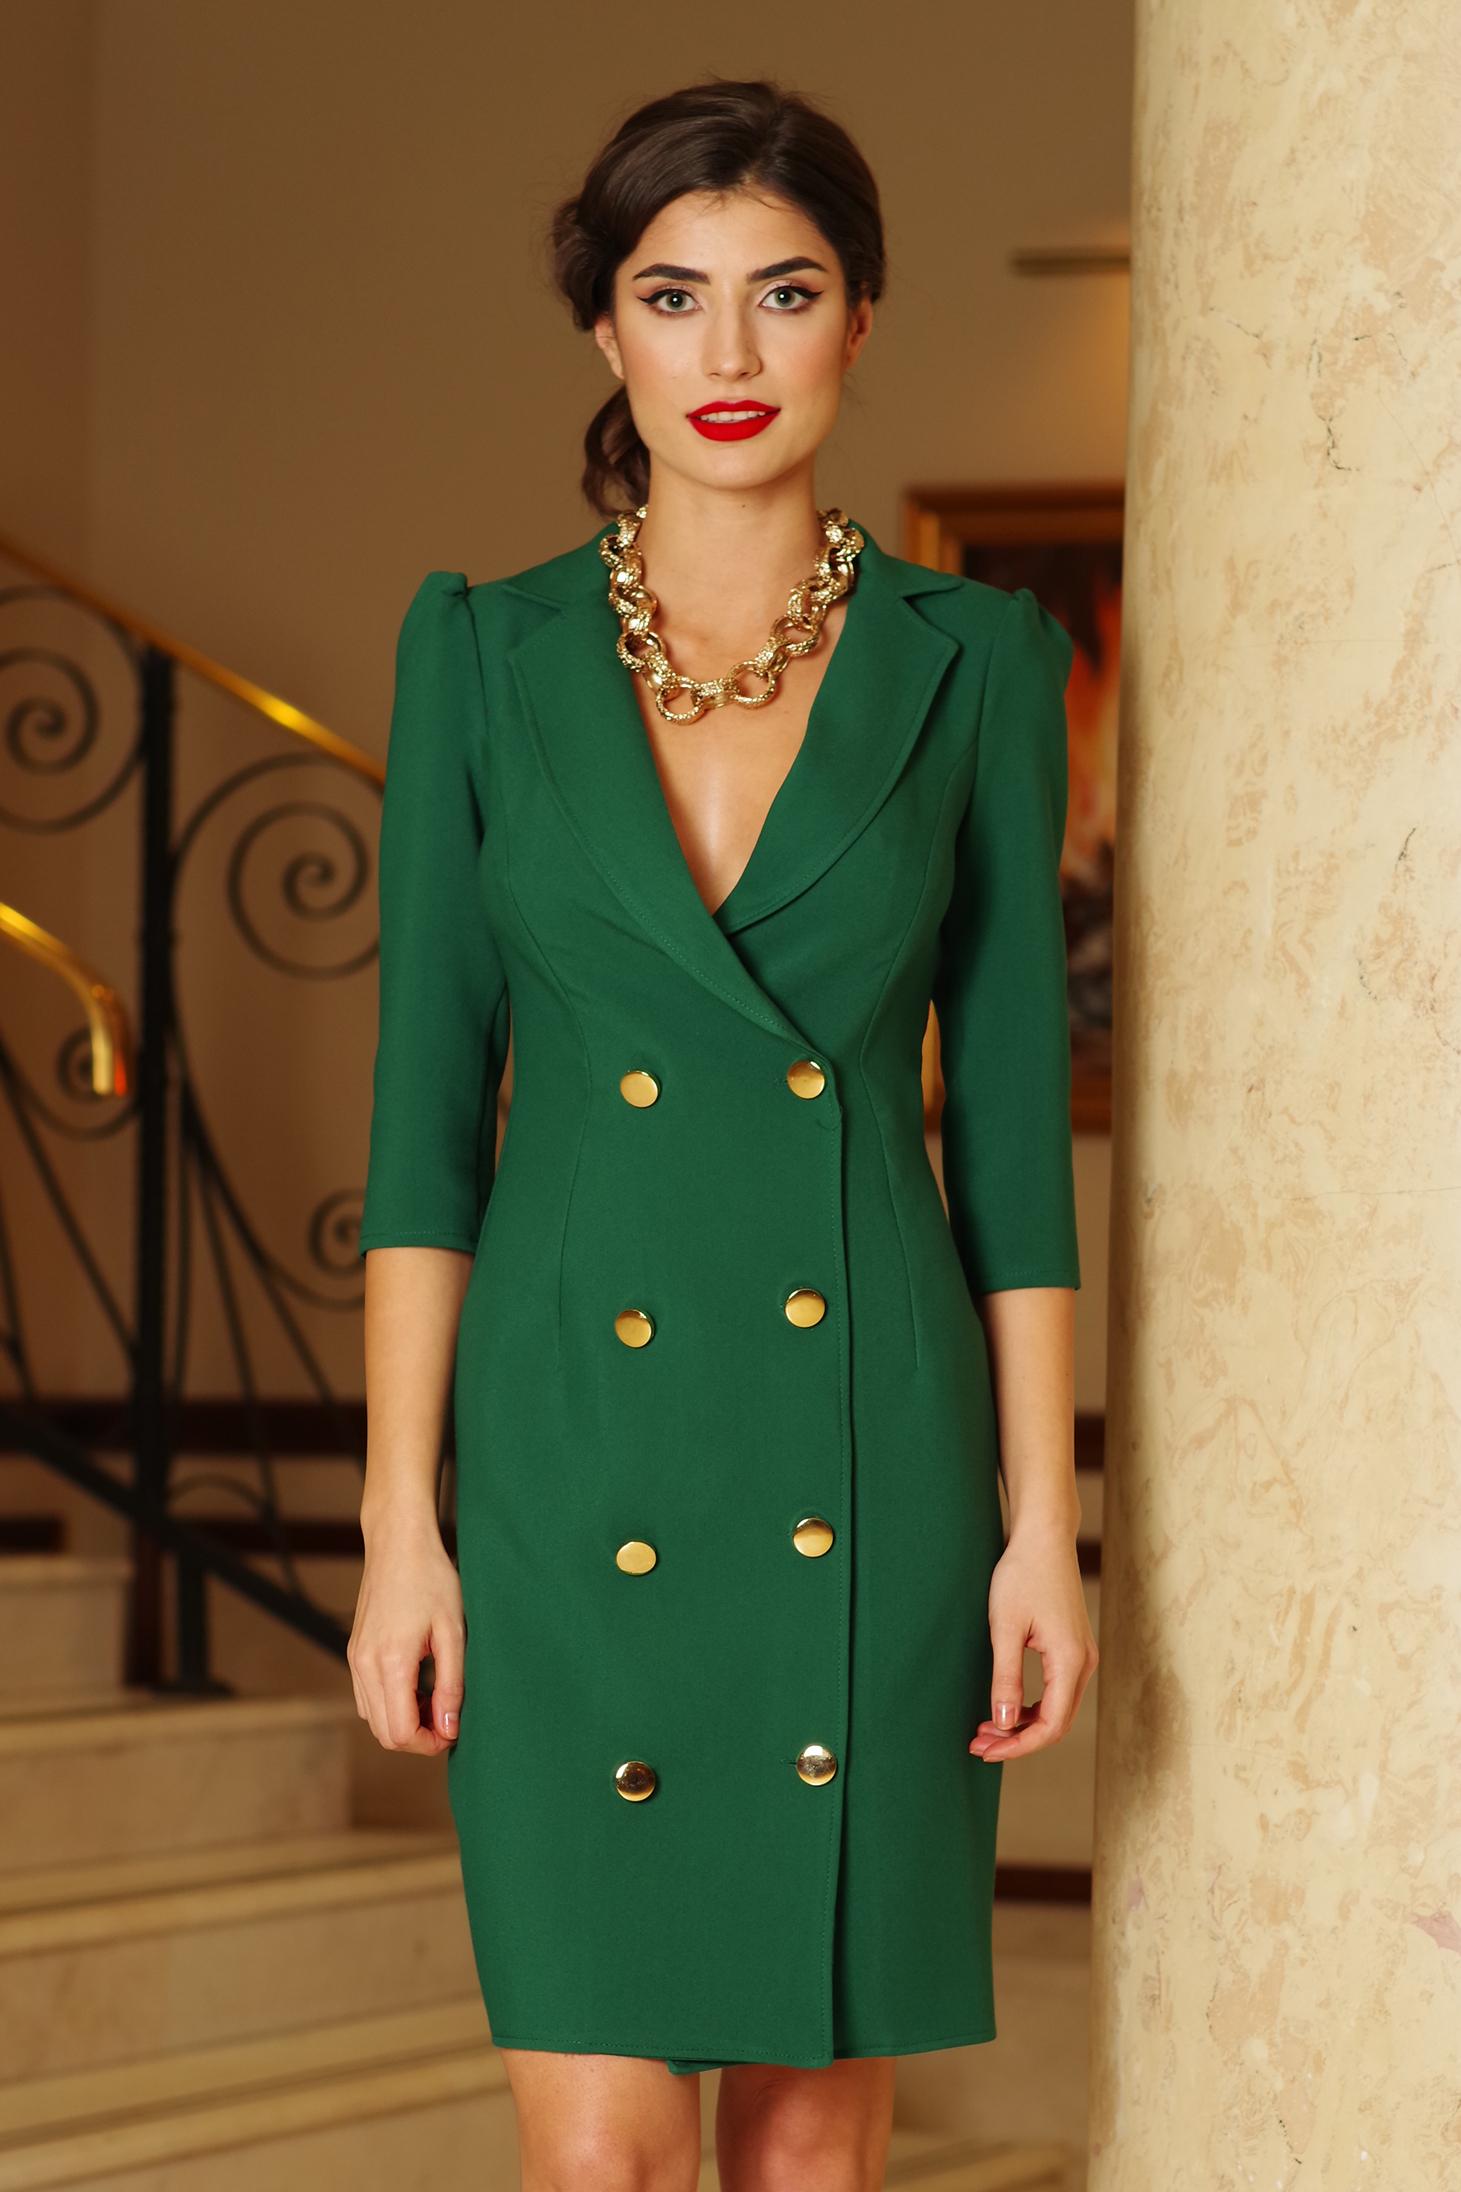 Rochie Artista verde eleganta petrecuta tip sacou din stofa usor elastica accesorizata cu nasturi